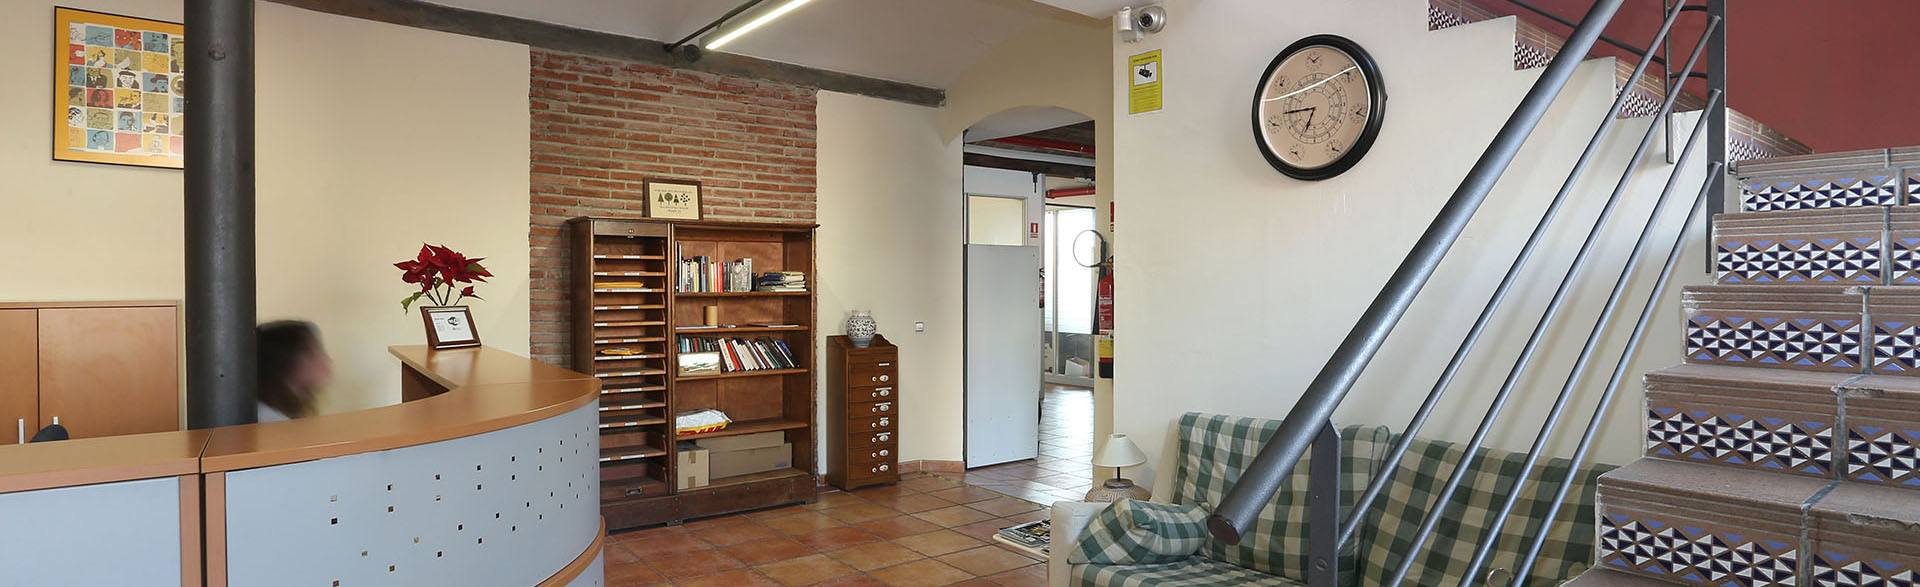 Servicio de oficina virtual barcelona ceneco centro de for Oficina virtual gva